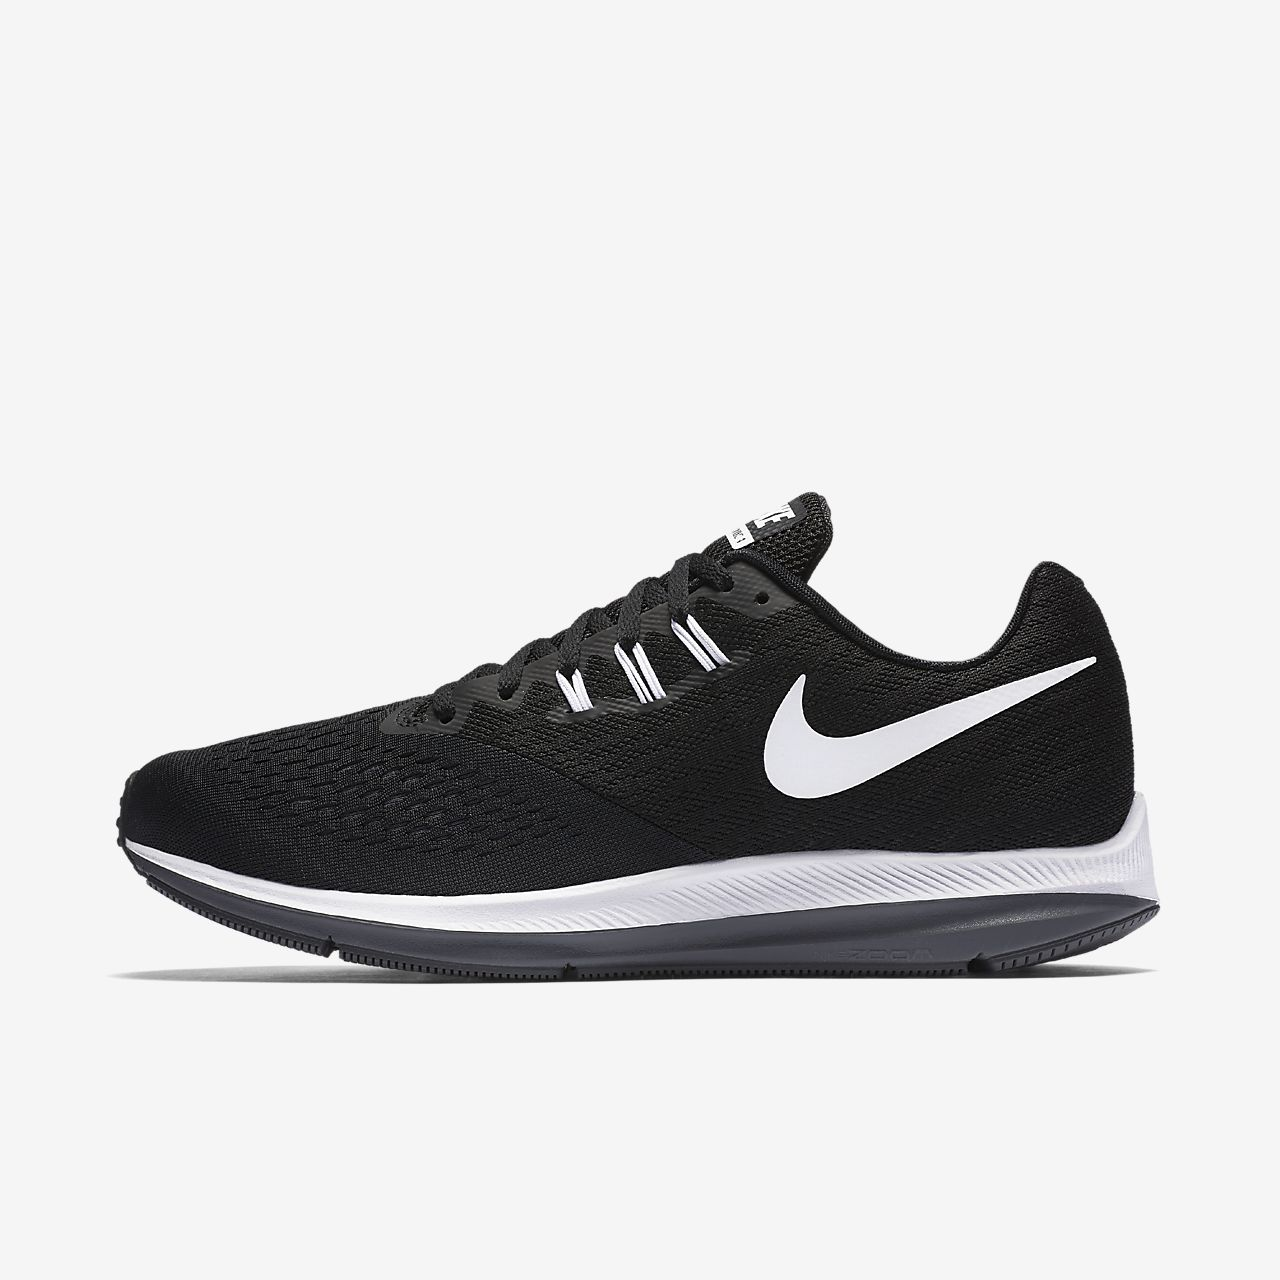 Erkek Koşu Ayakkabısı. Nike Zoom Winflo 4